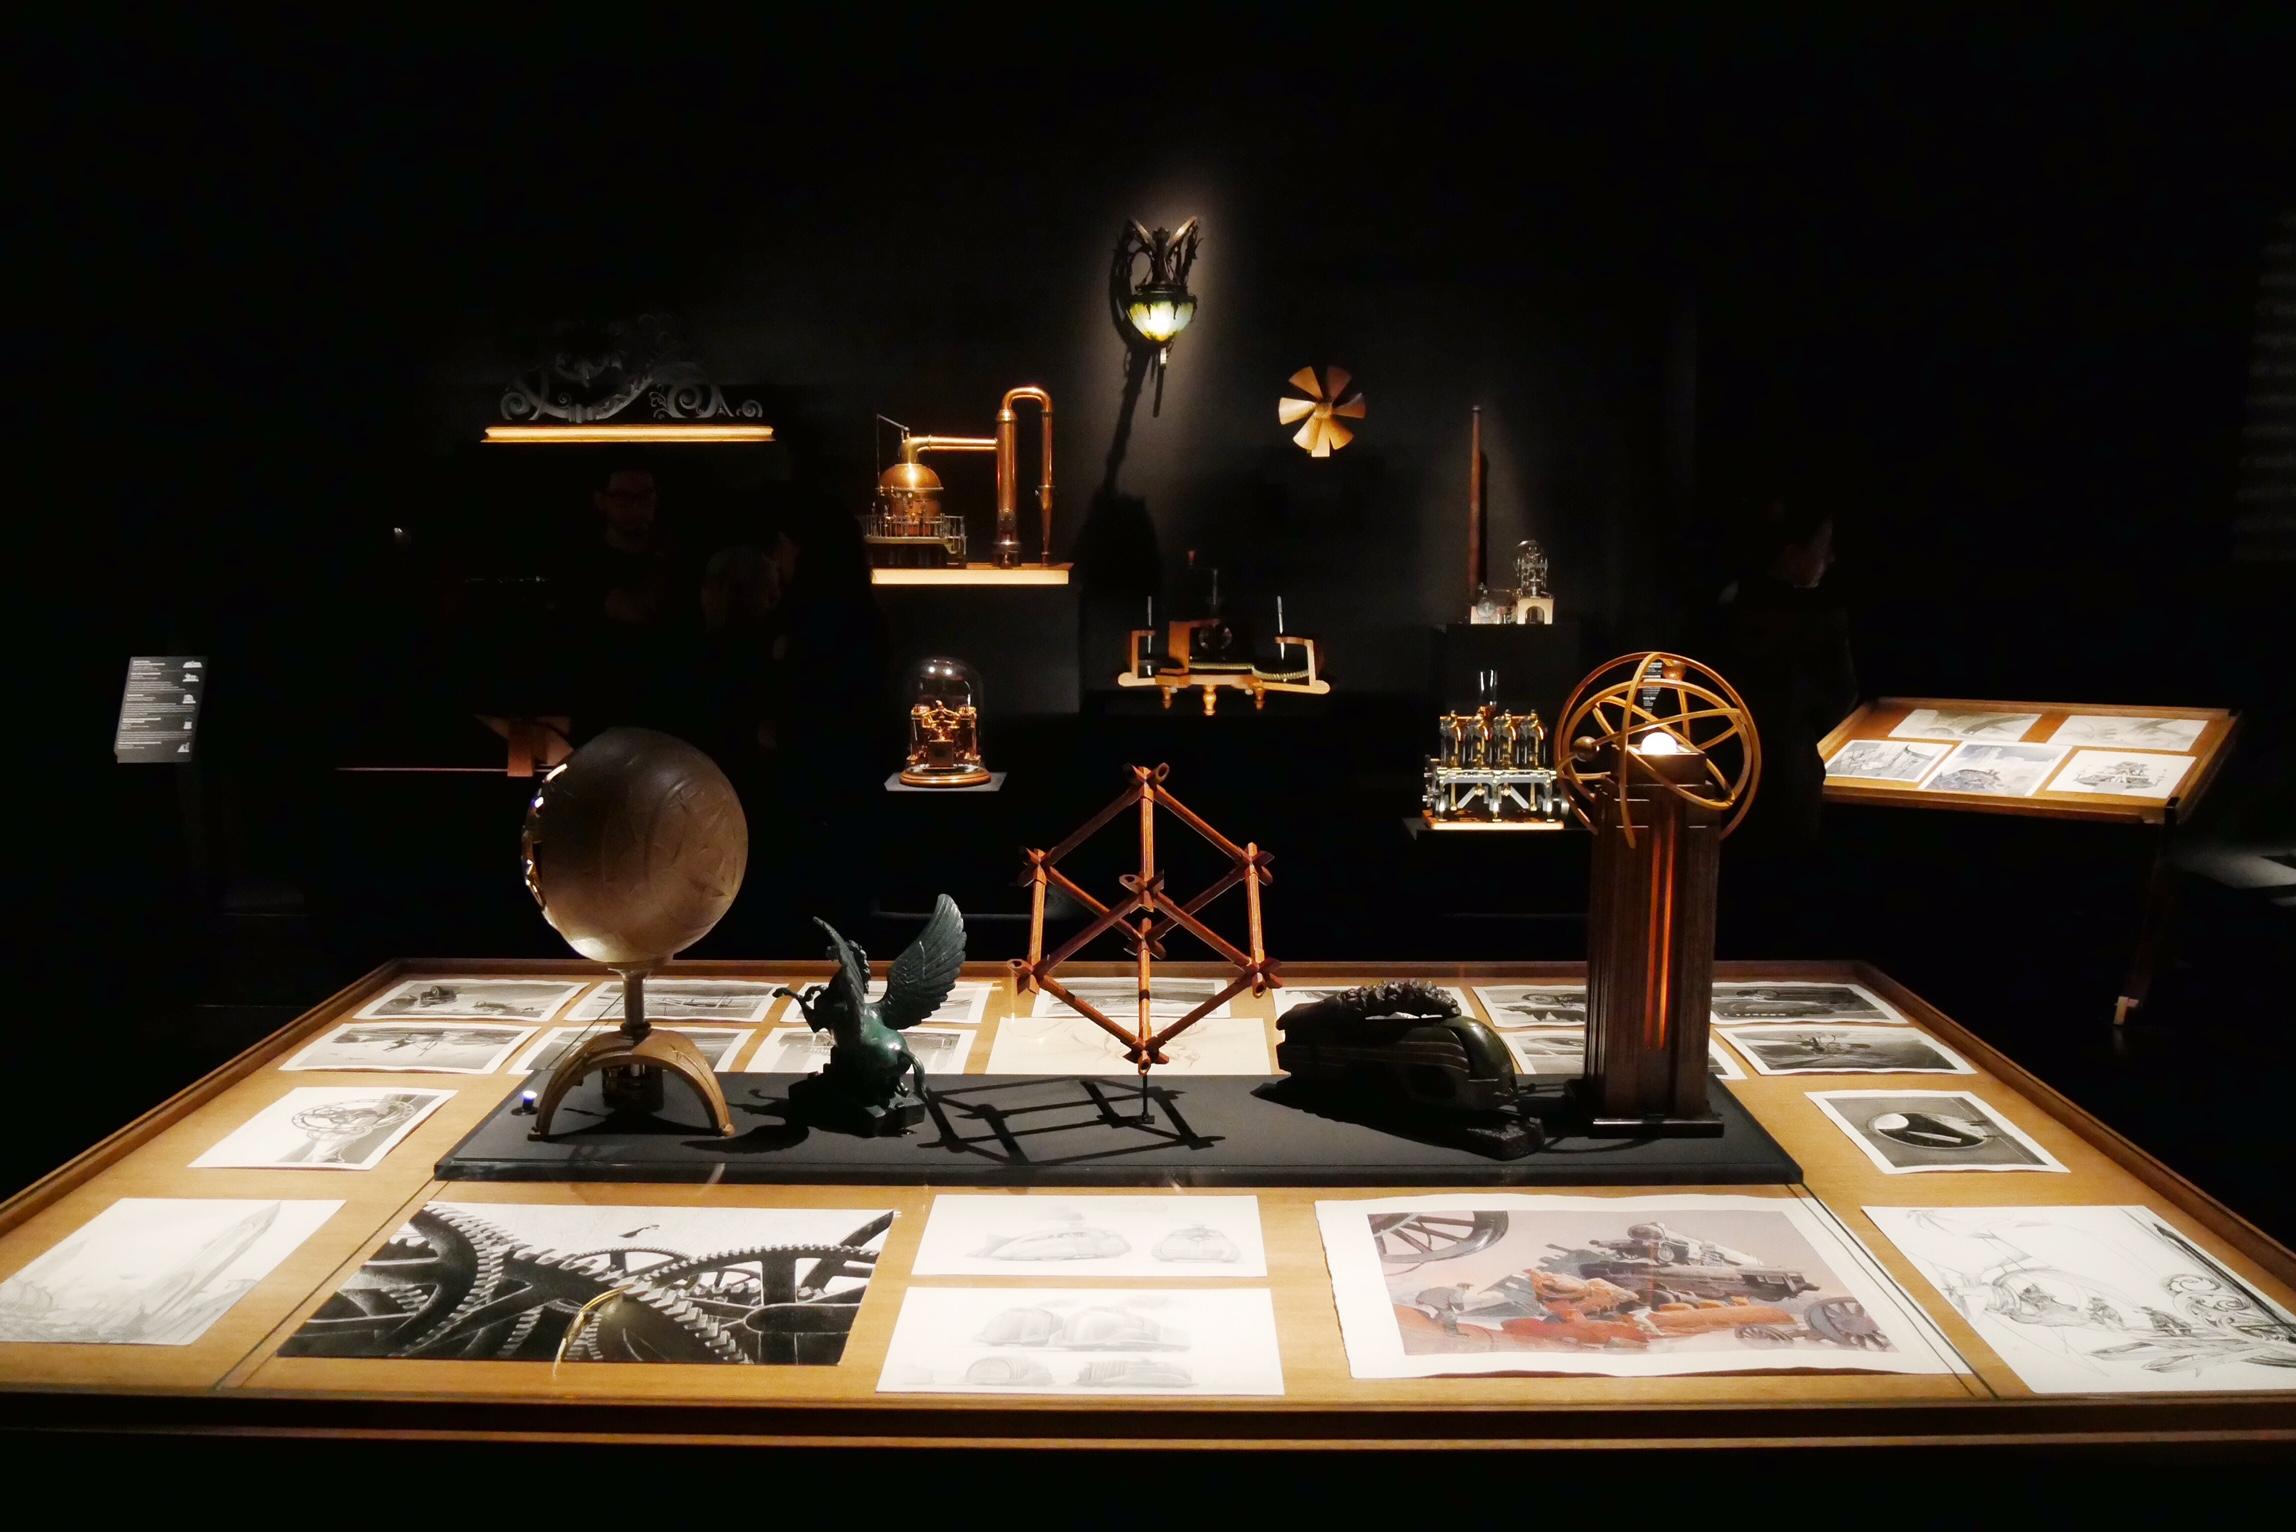 Machines à dessiner exposition Schuiten Peeters Musée des Arts et Métiers Paris photo usofparis blog